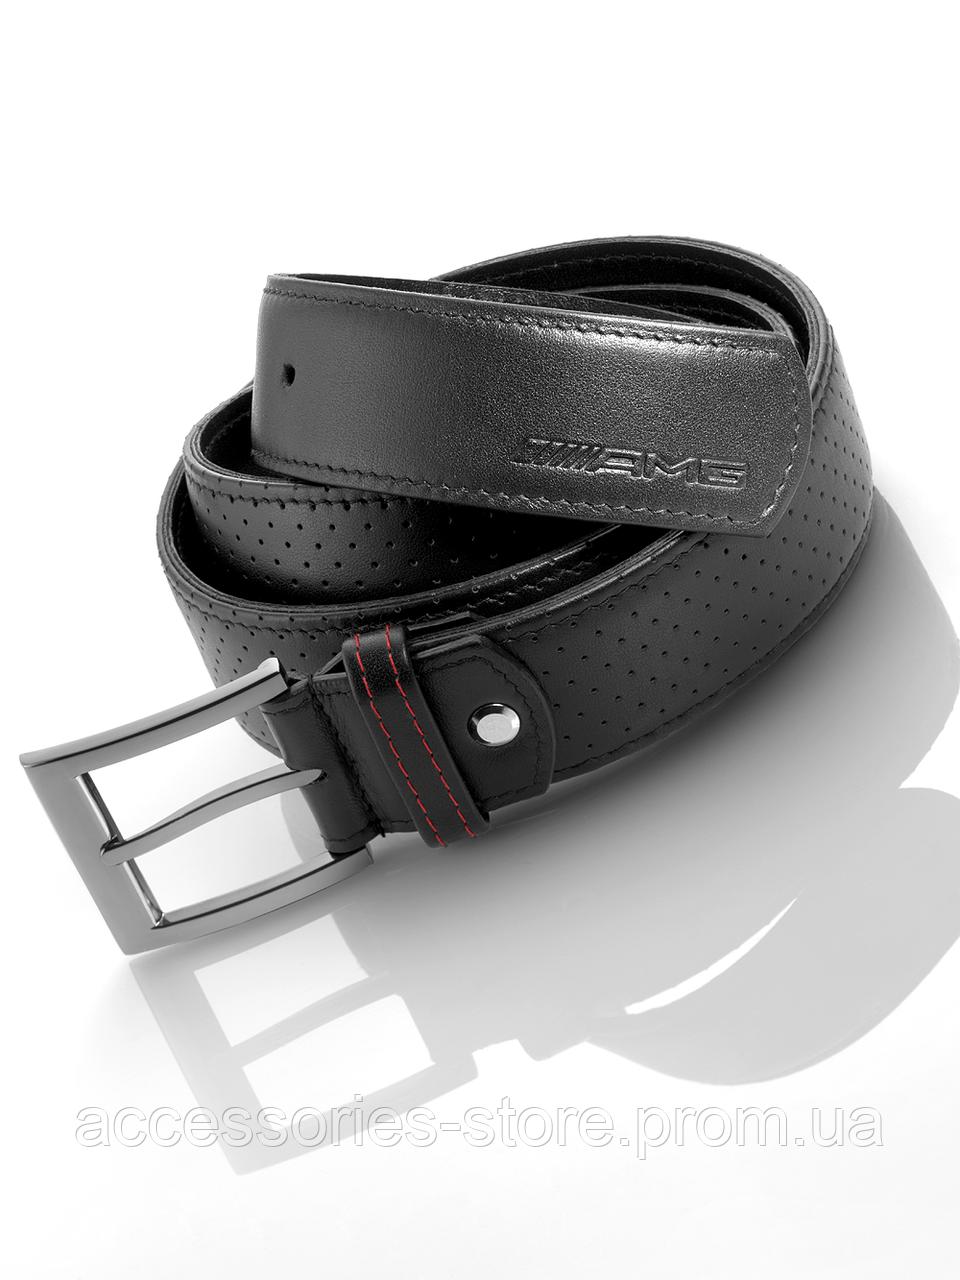 Мужской кожаный ремень Mercedes-Benz Belt, AMG, Black, Leather/Stainless Steel